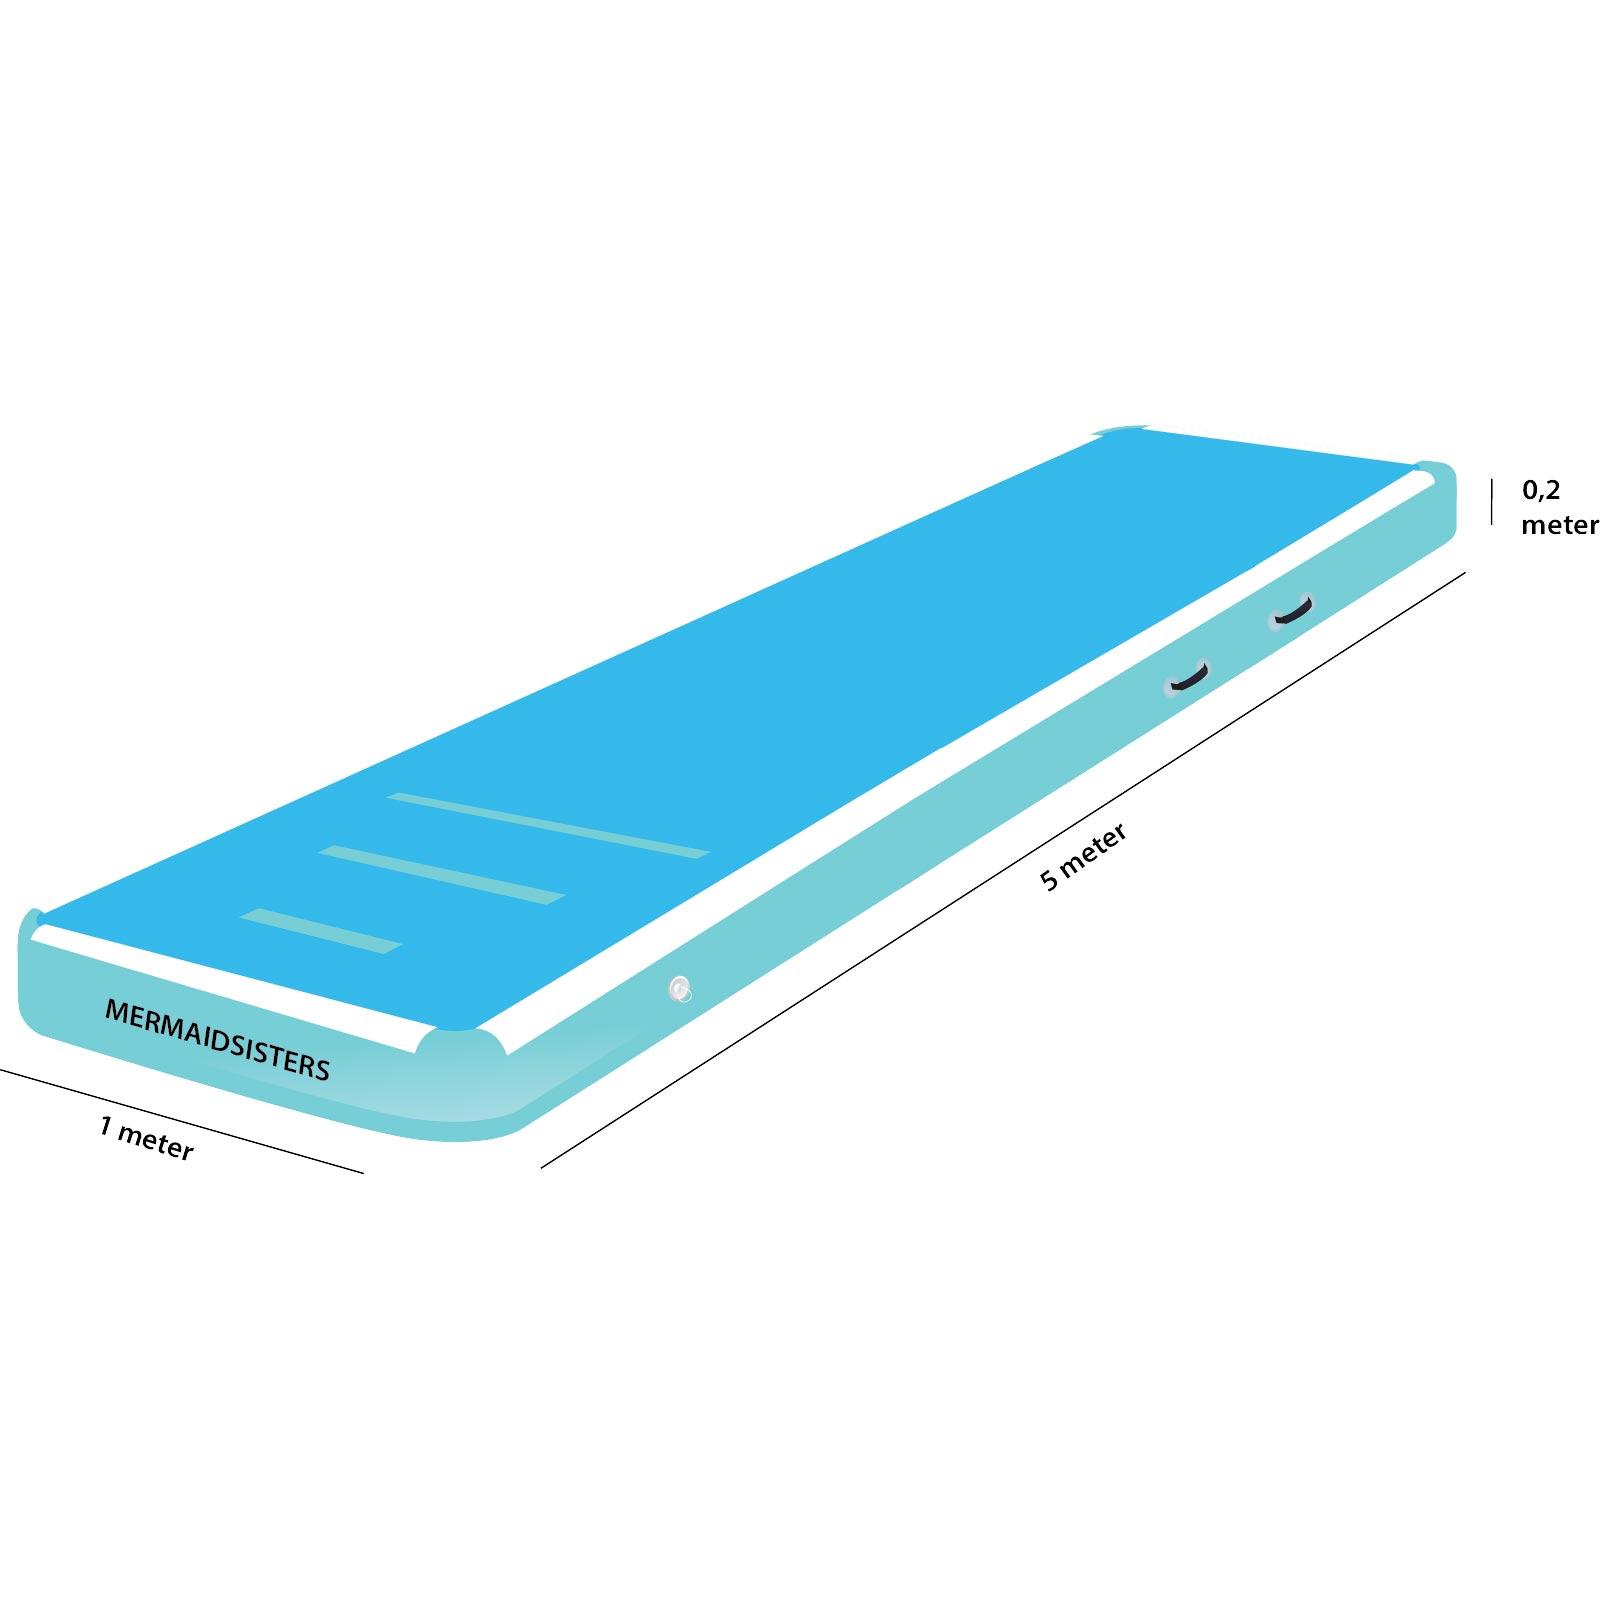 AirTrack 5 meter blauw 1 meter breed 20 cm hoog